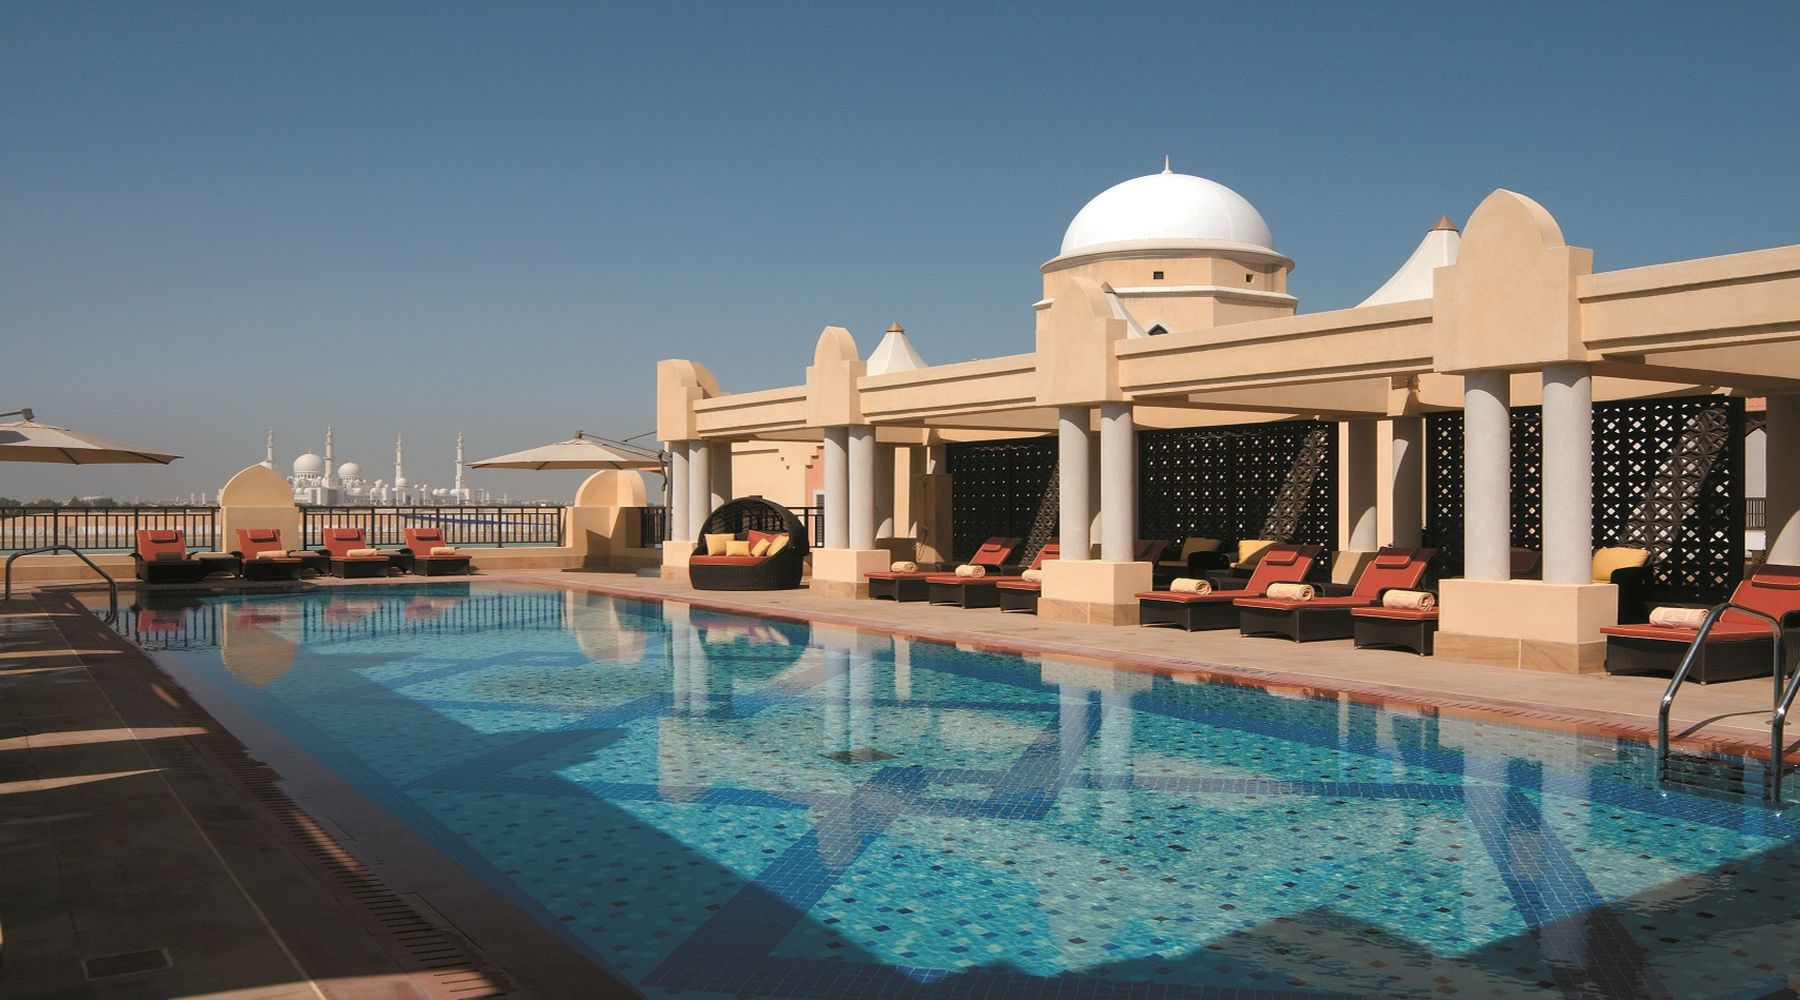 Shangri La Qaryat Al Beri, Abu Dhabi